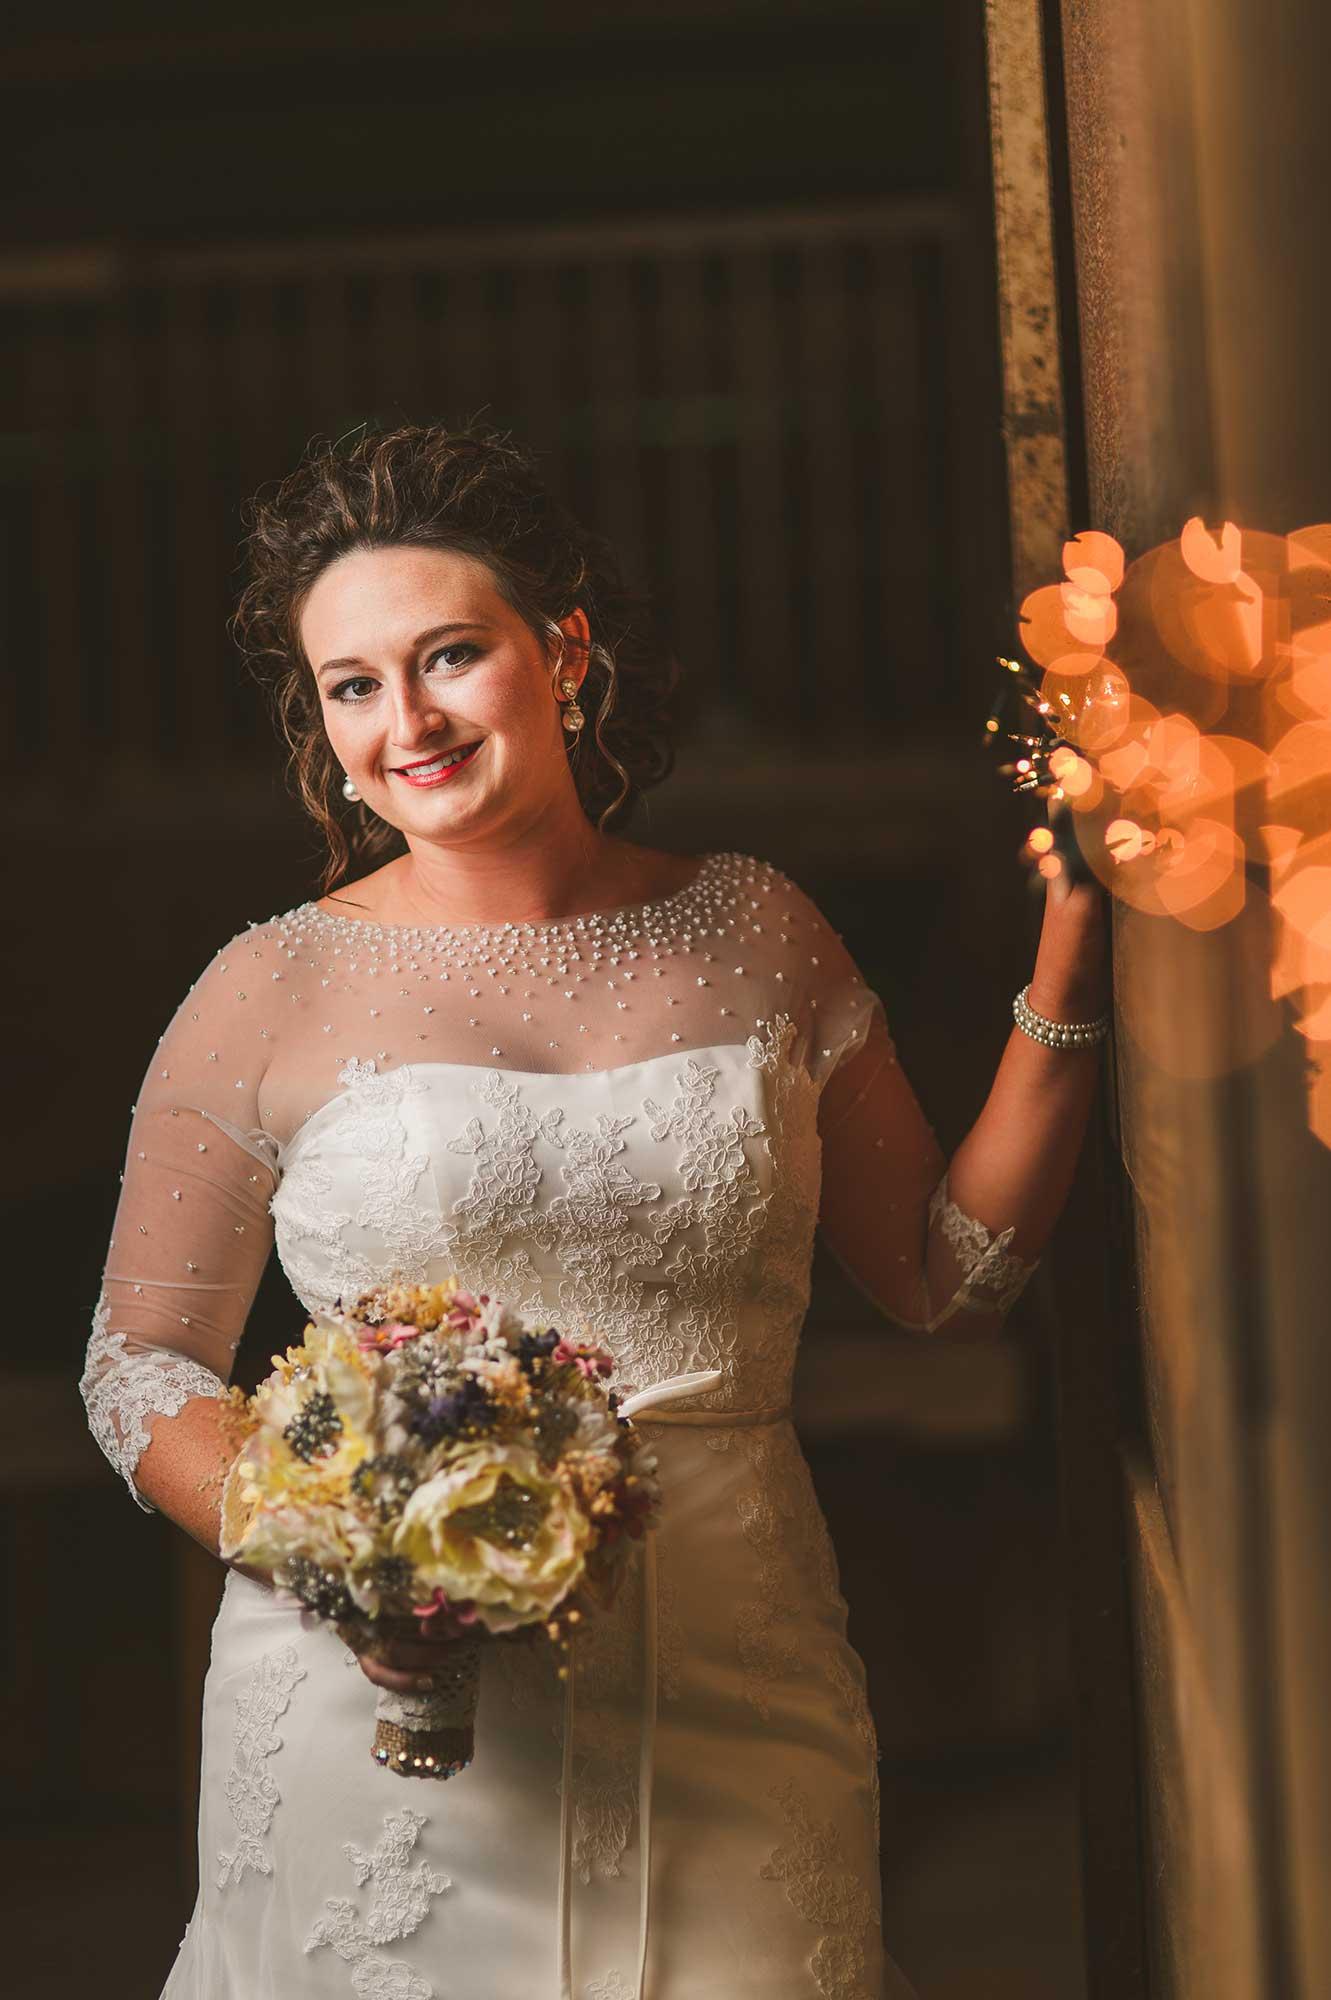 rustic-barn-wedding-portrait-southern-ohio.jpg